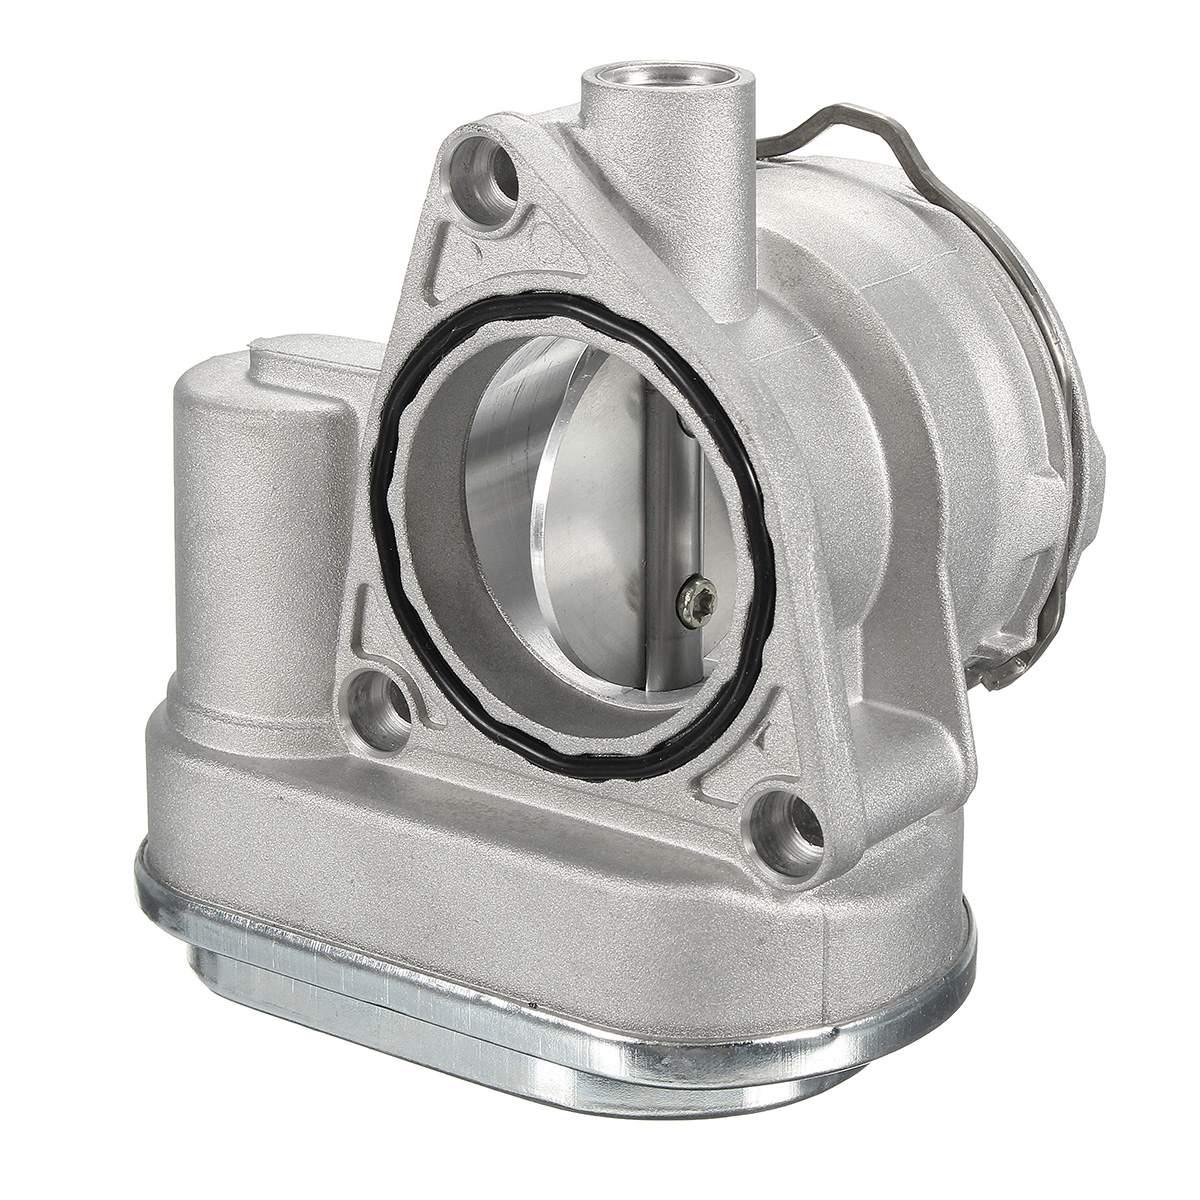 038128063F 038128063G Brand New Throttle Body For Audi for Skoda for VW Seat 1 9 2